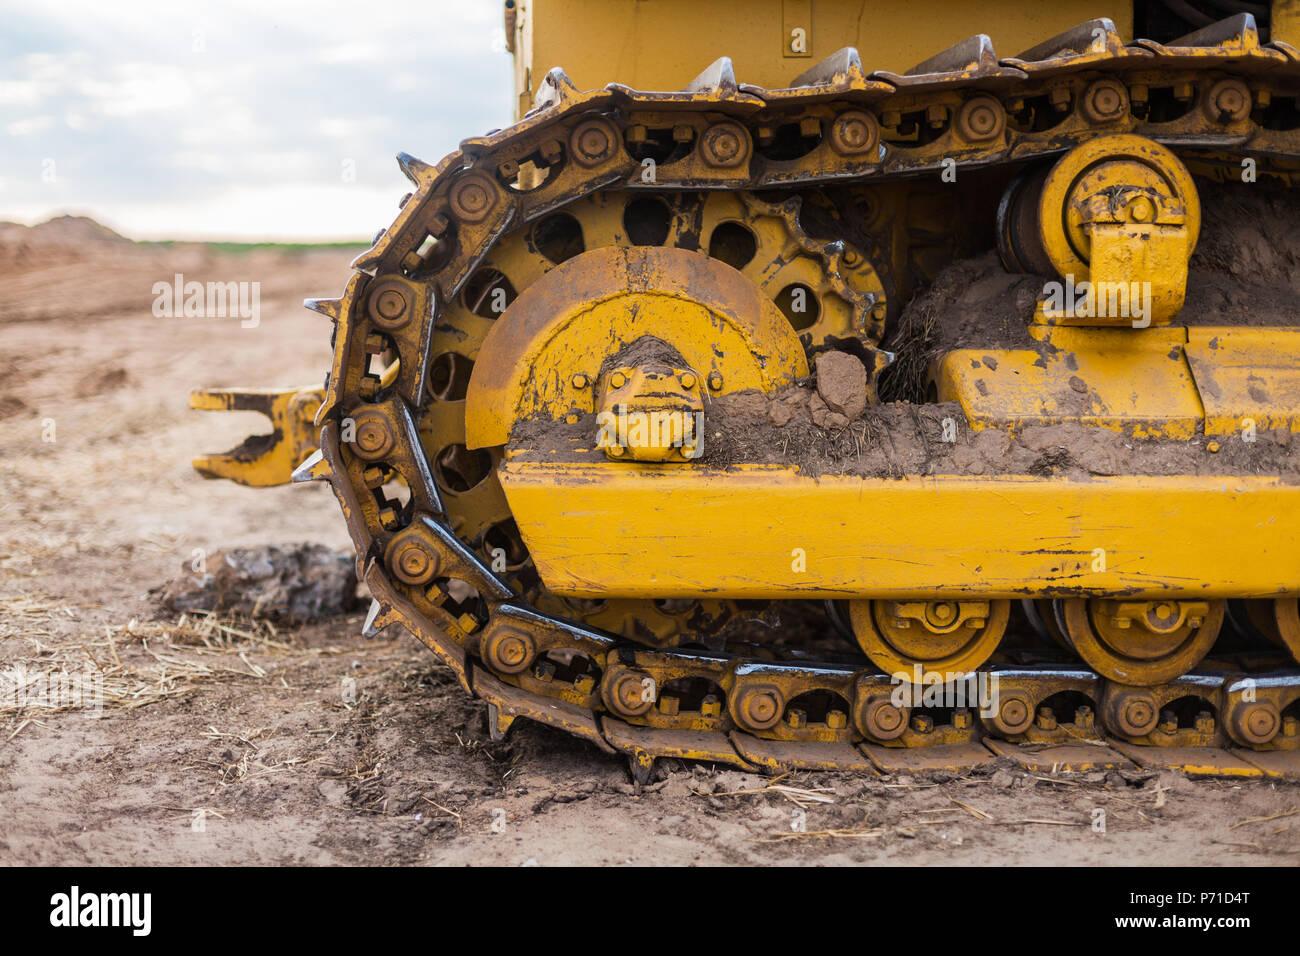 Tractor sobre oruga amarilla vía Foto de stock